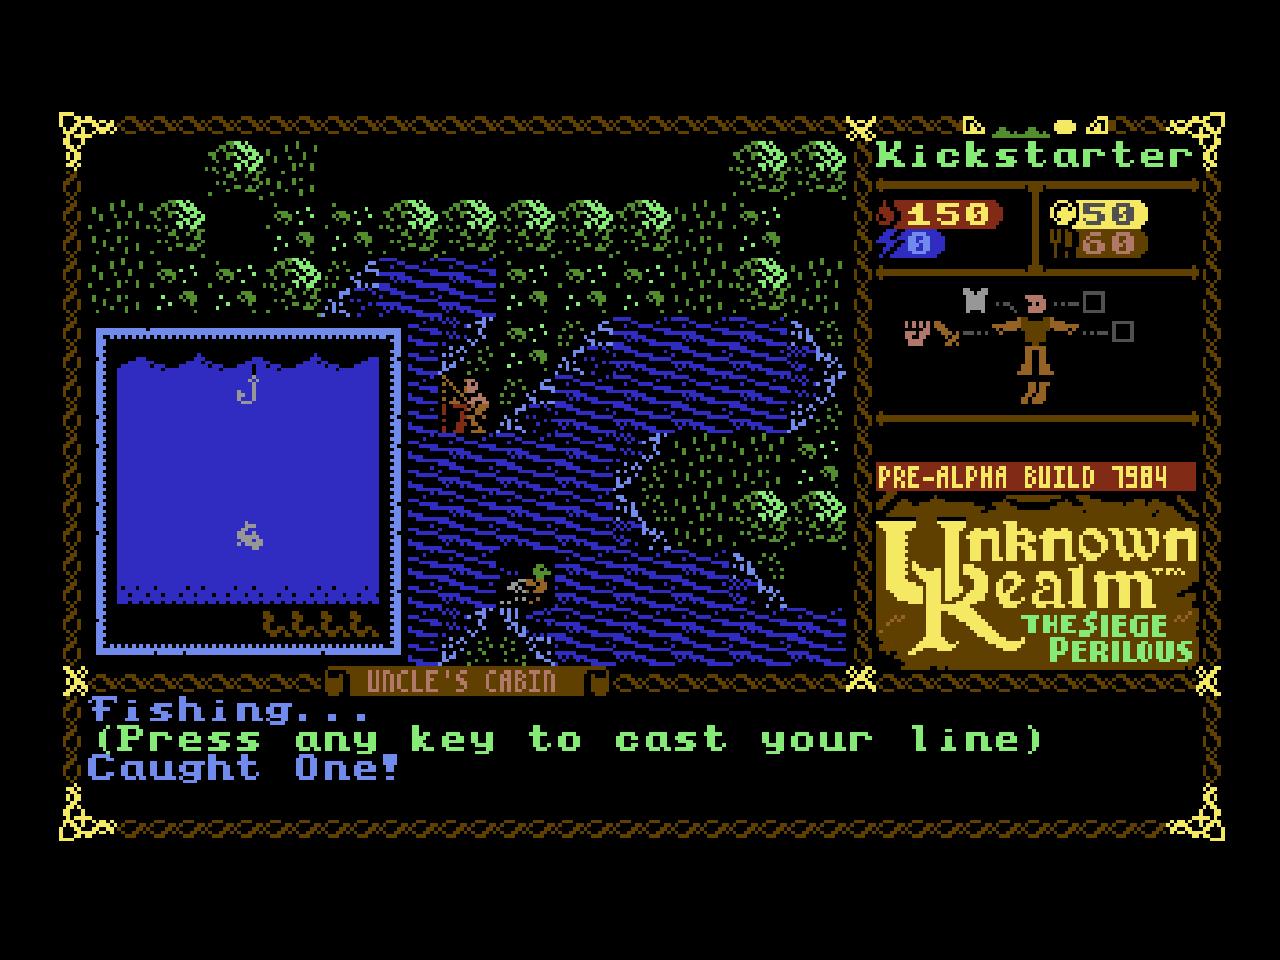 Unknown Realm ist ein 8-bit RPG von Stirring Dragon Games (Bild: André Eymann)